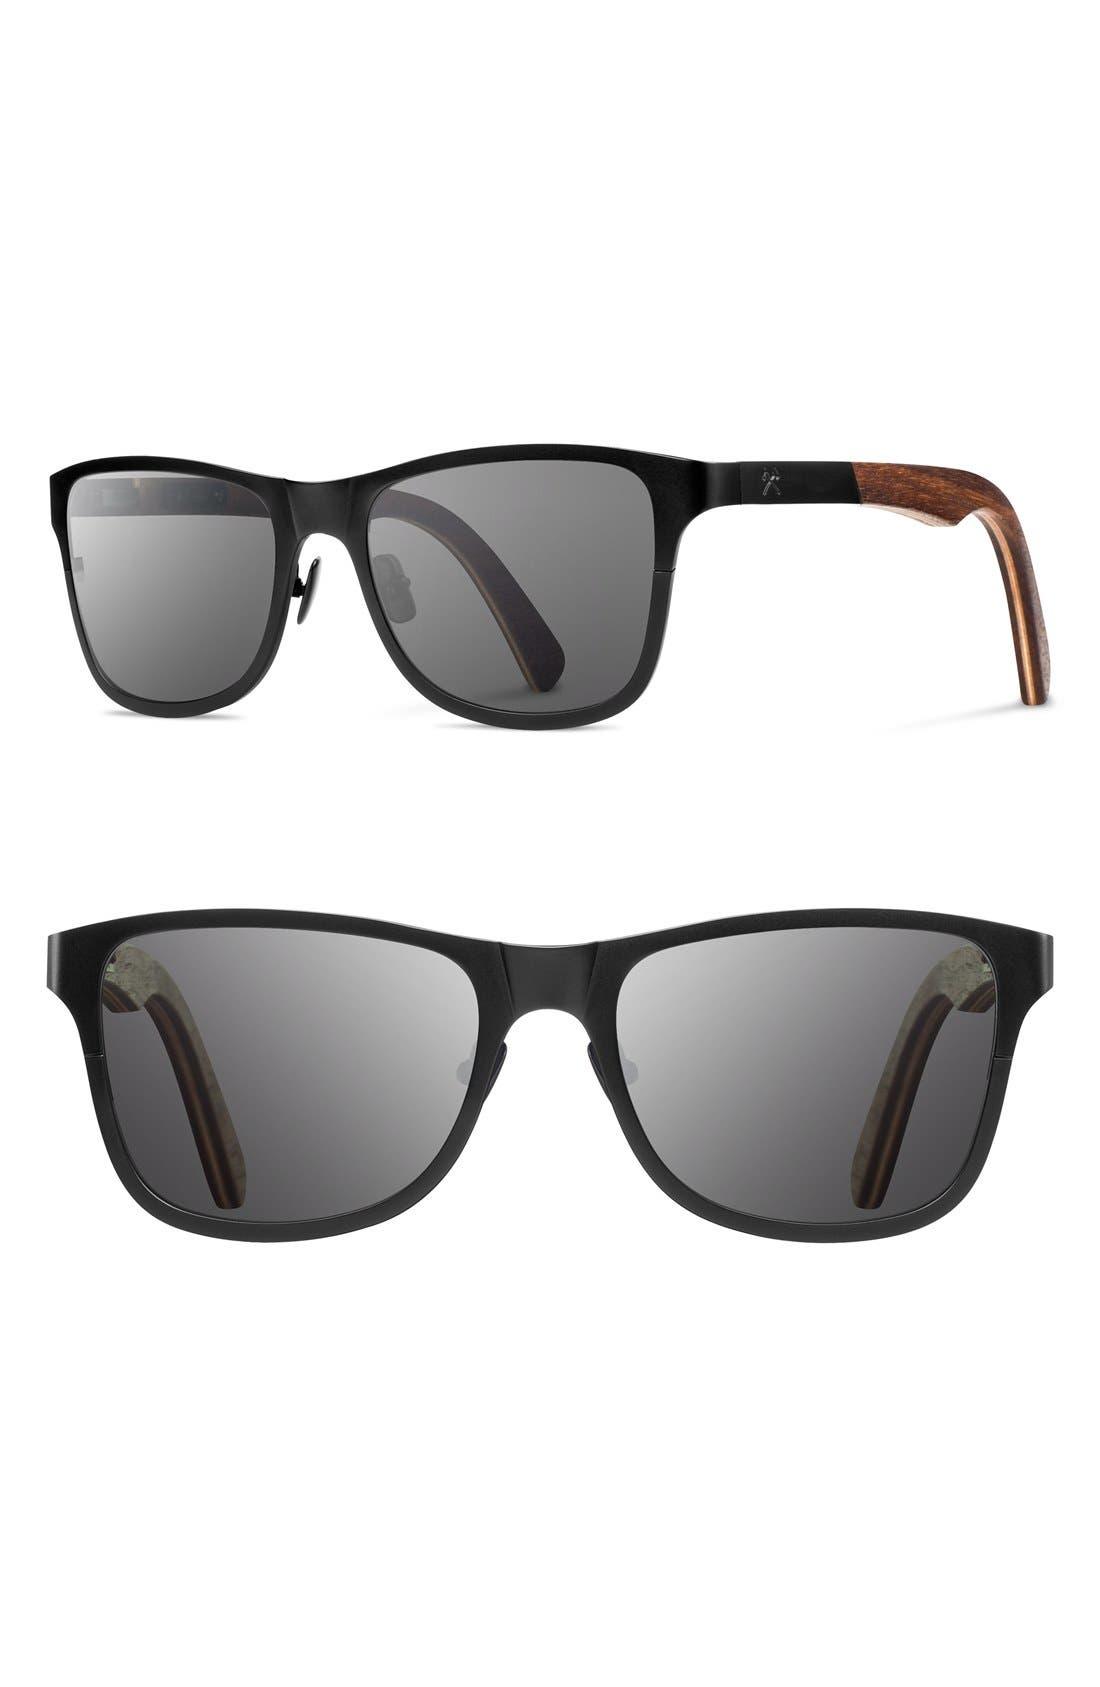 'Canby' 54mm Titanium & Wood Sunglasses,                         Main,                         color, Black Titanium/ Walnut